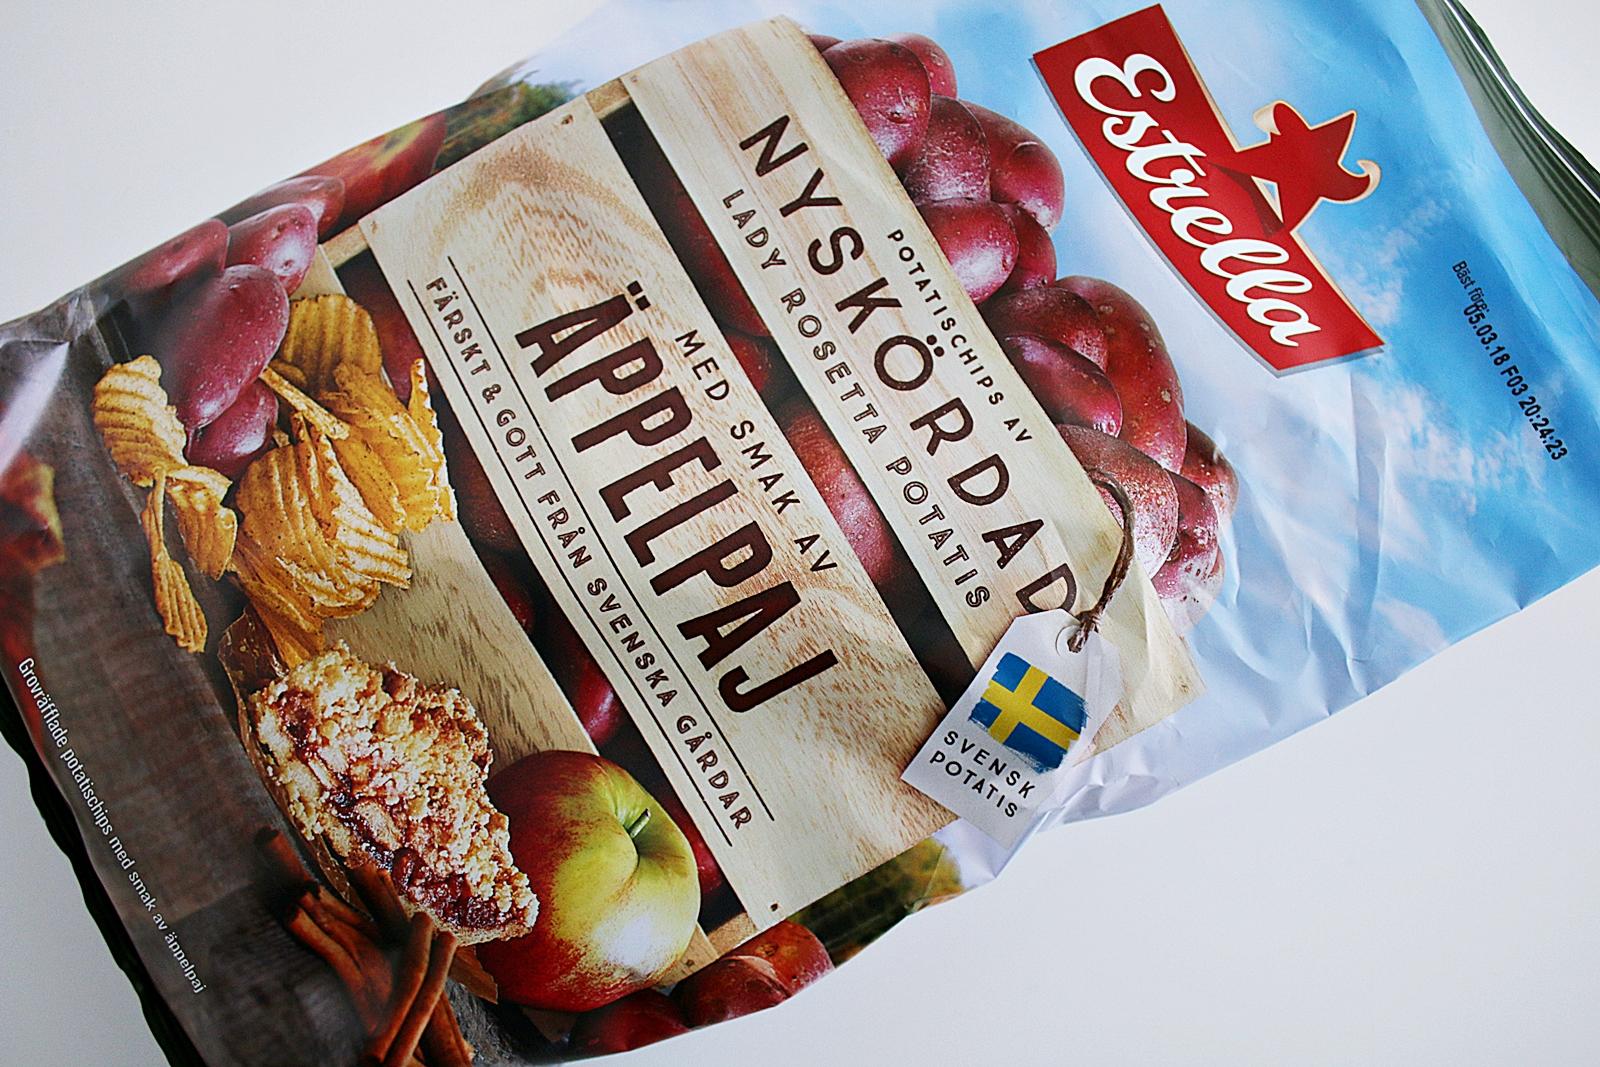 Testar nya konstig smak på chips från Estrella med äppelpaj smak